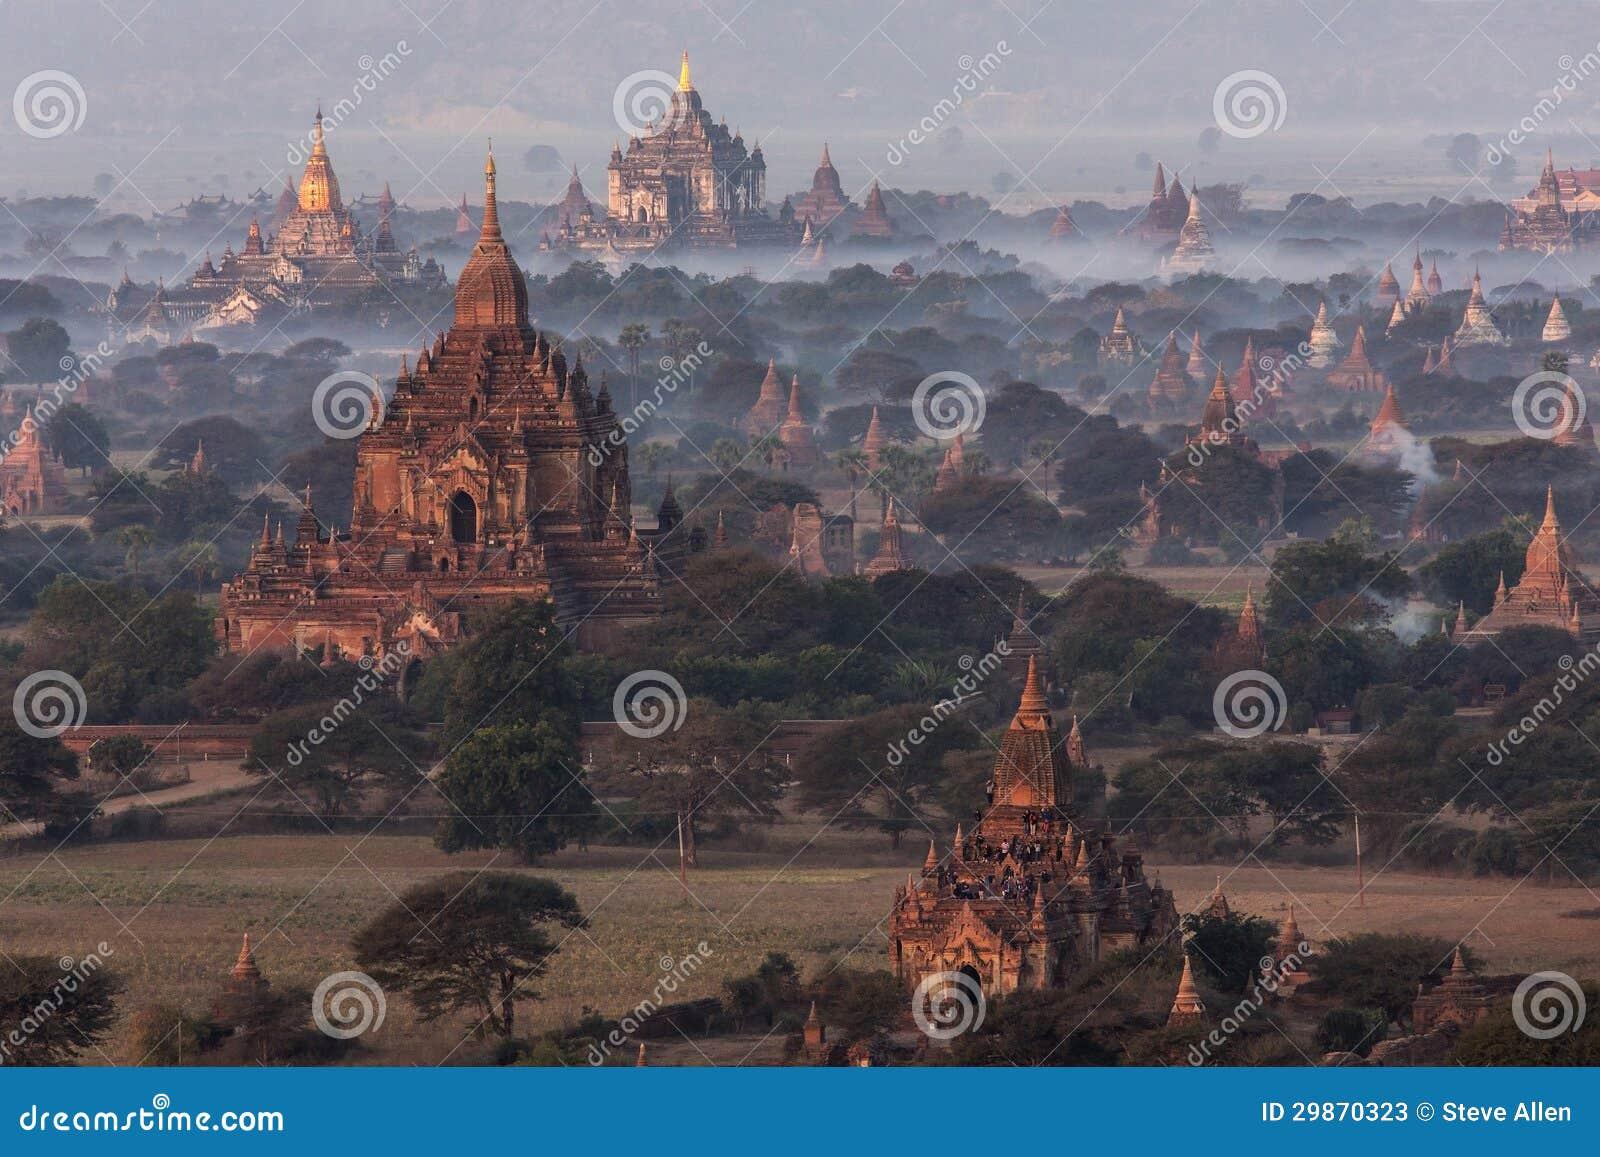 Dawn over the temples of Bagan - Myanmar (Burma)